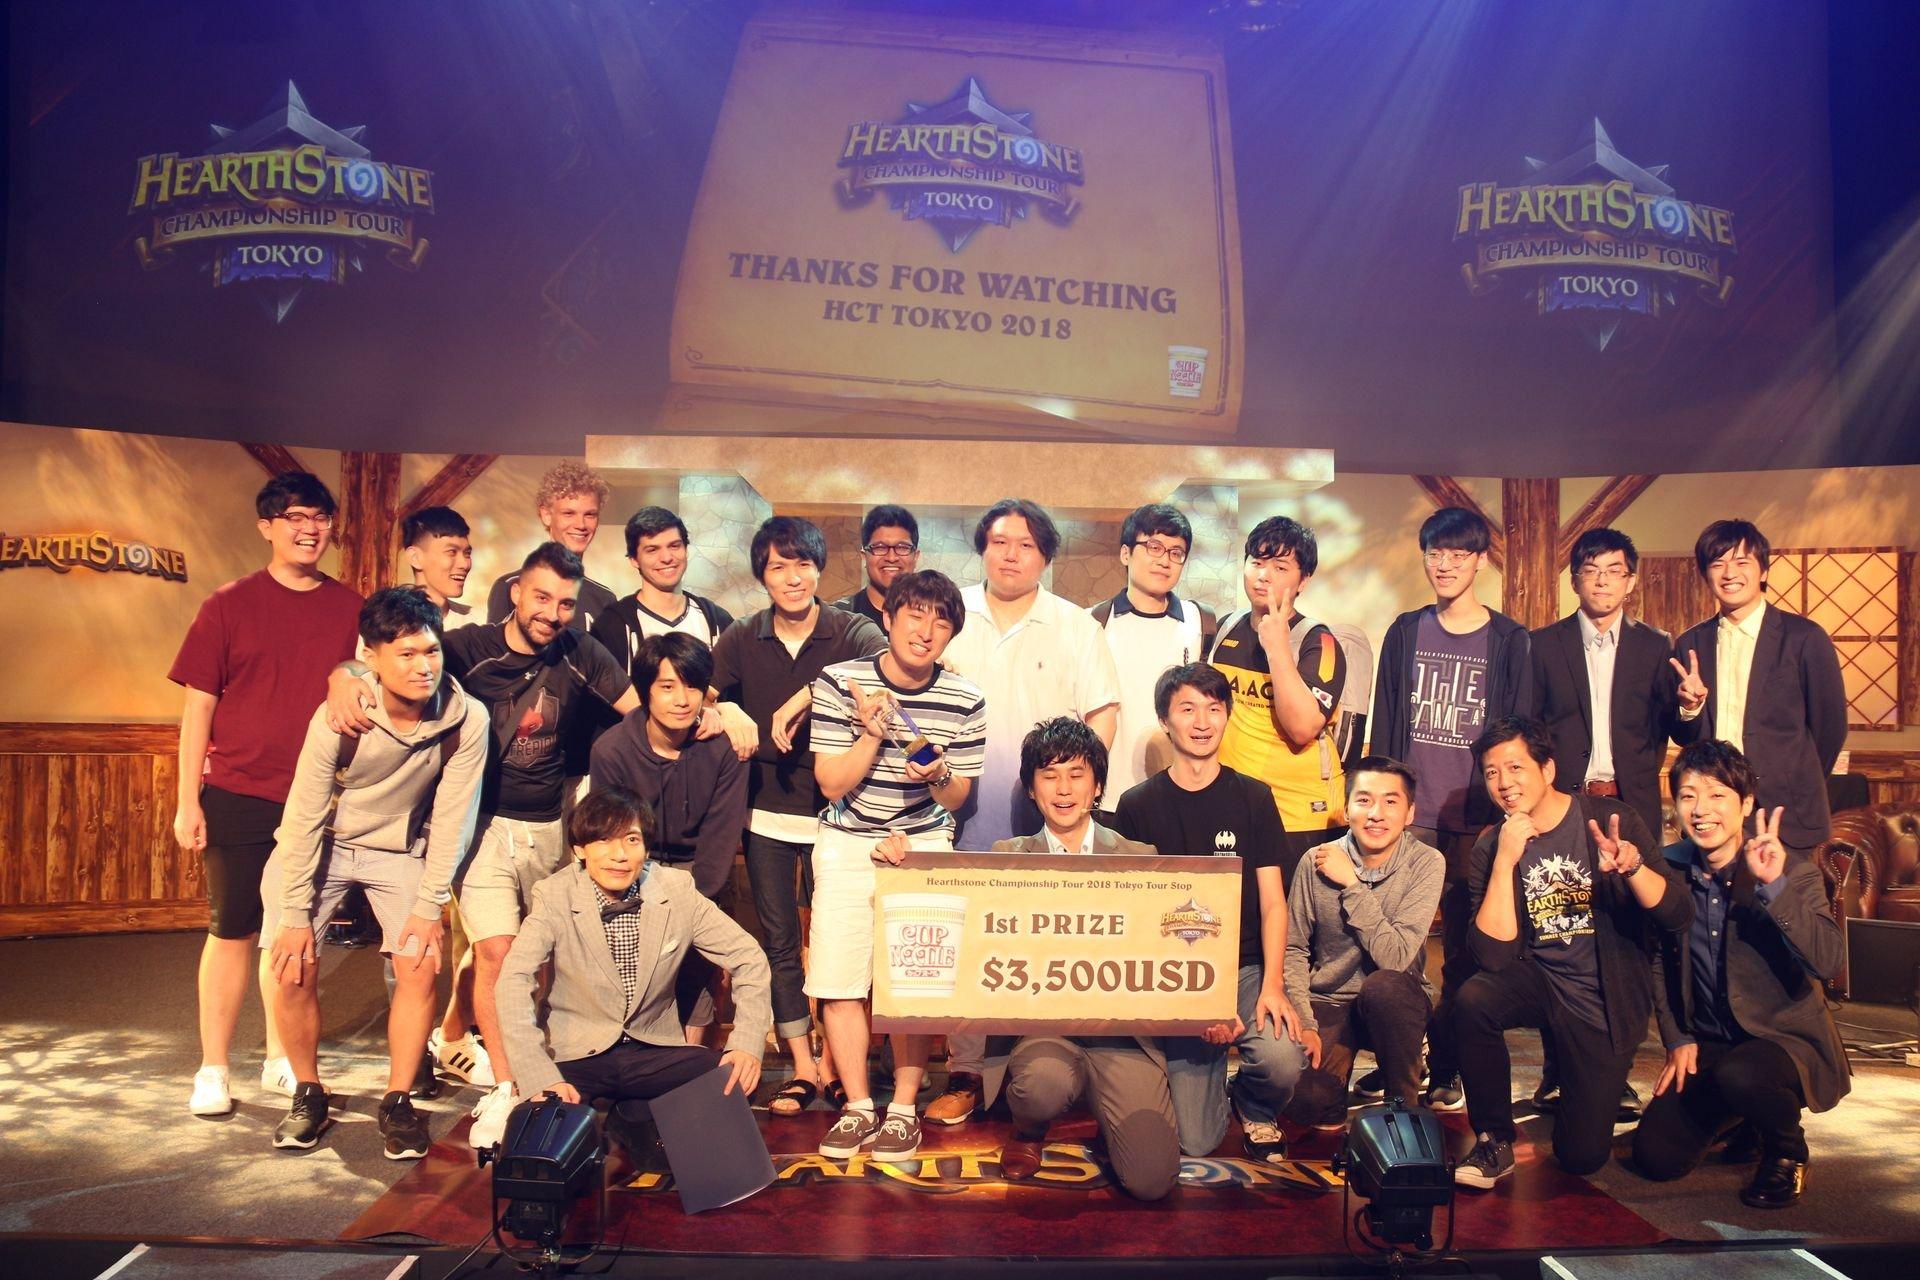 2018年7月に開催され、日本人のhinaya選手が優勝した「ハースストーン選手権ツアー 2018 Tokyo Tour Stop」